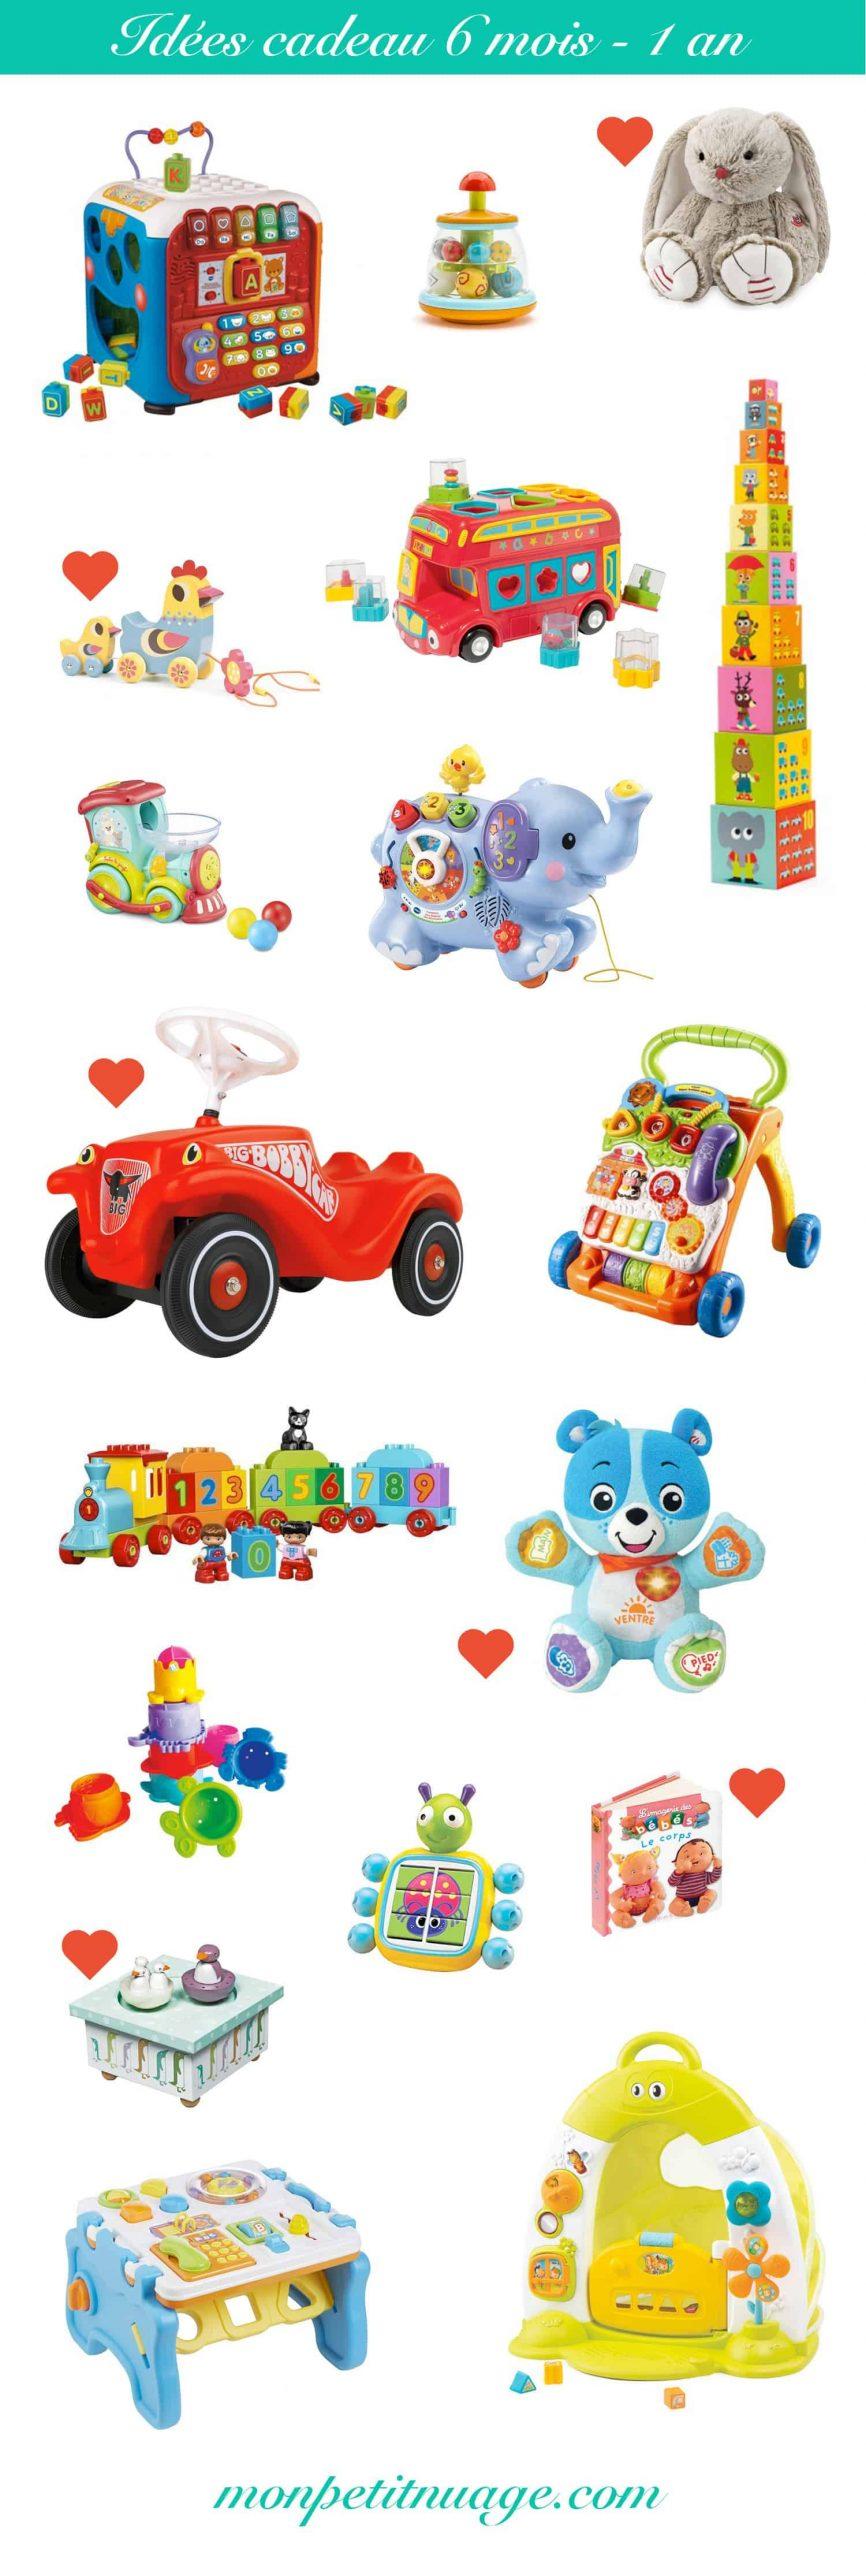 Idées Cadeaux Bébé & Enfant : 6 Mois, 1 An, 2 Ans, 3 Ans concernant Jouet Garçon 1 An